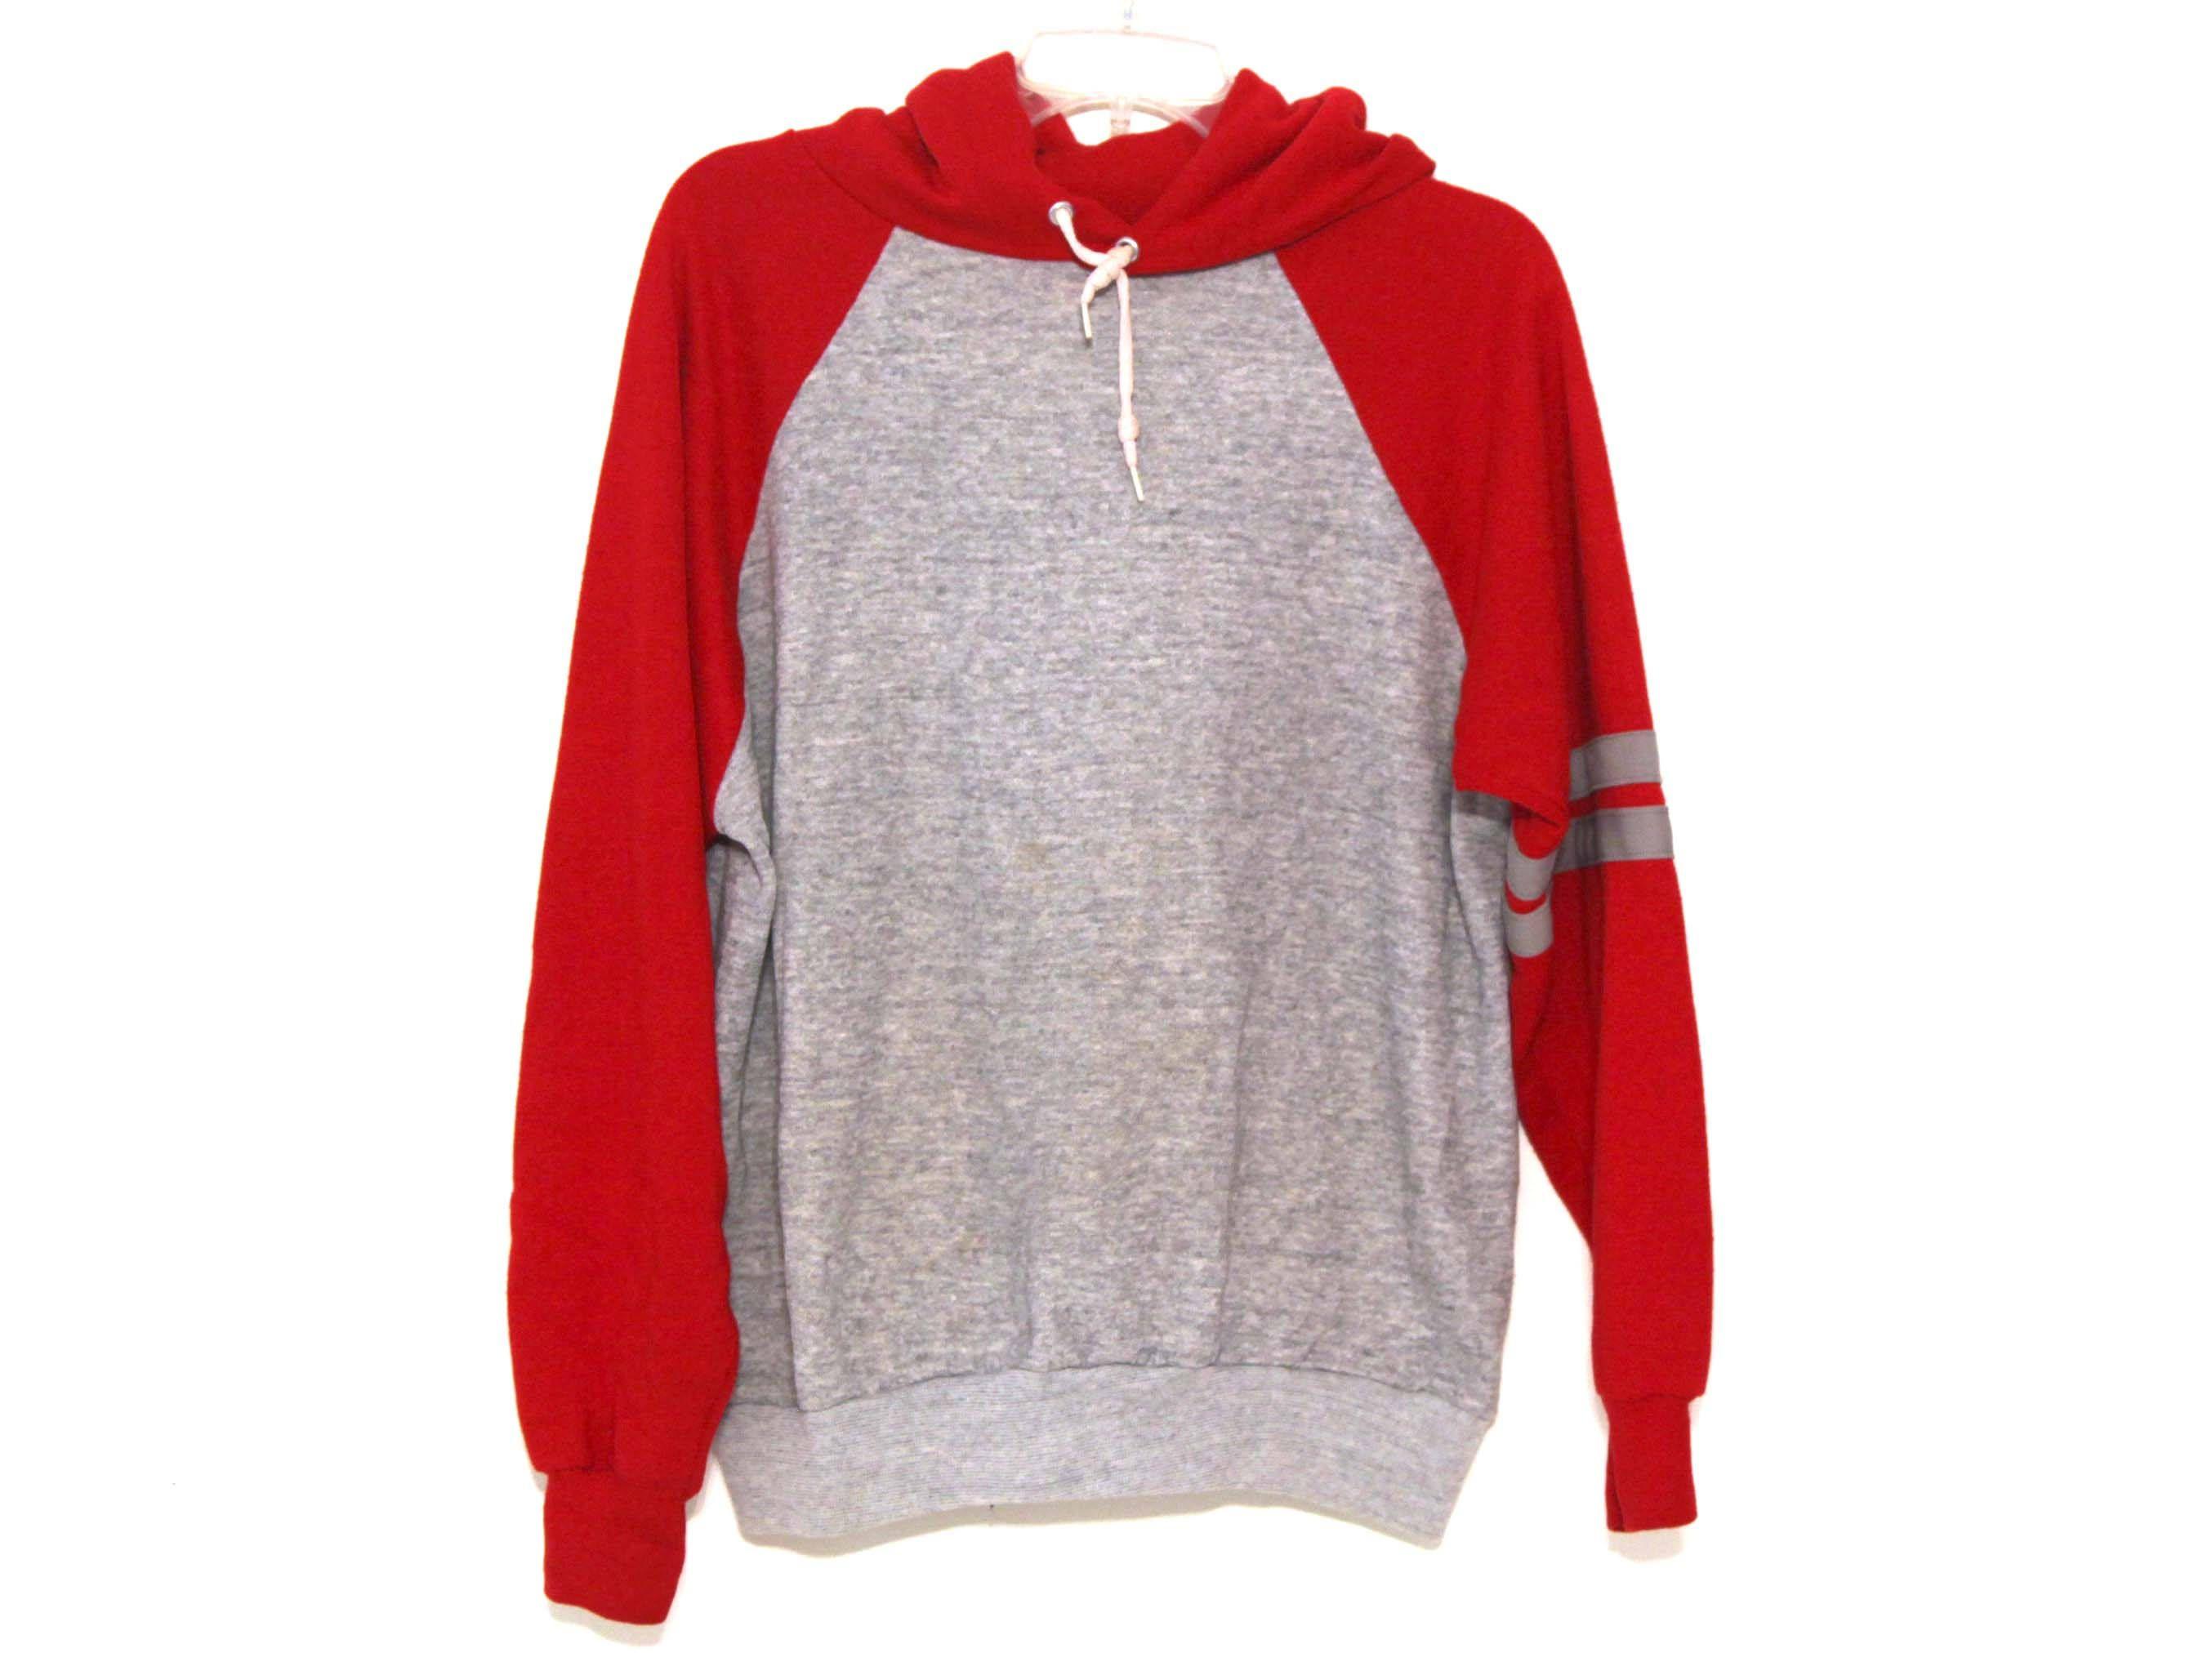 Vintage 80s Hoodie Sweatshirt Heather Gray Red Striped Raglan Acrylic By 216vintagemodern On Etsy Hoodies Raglan Hoodie Clothes